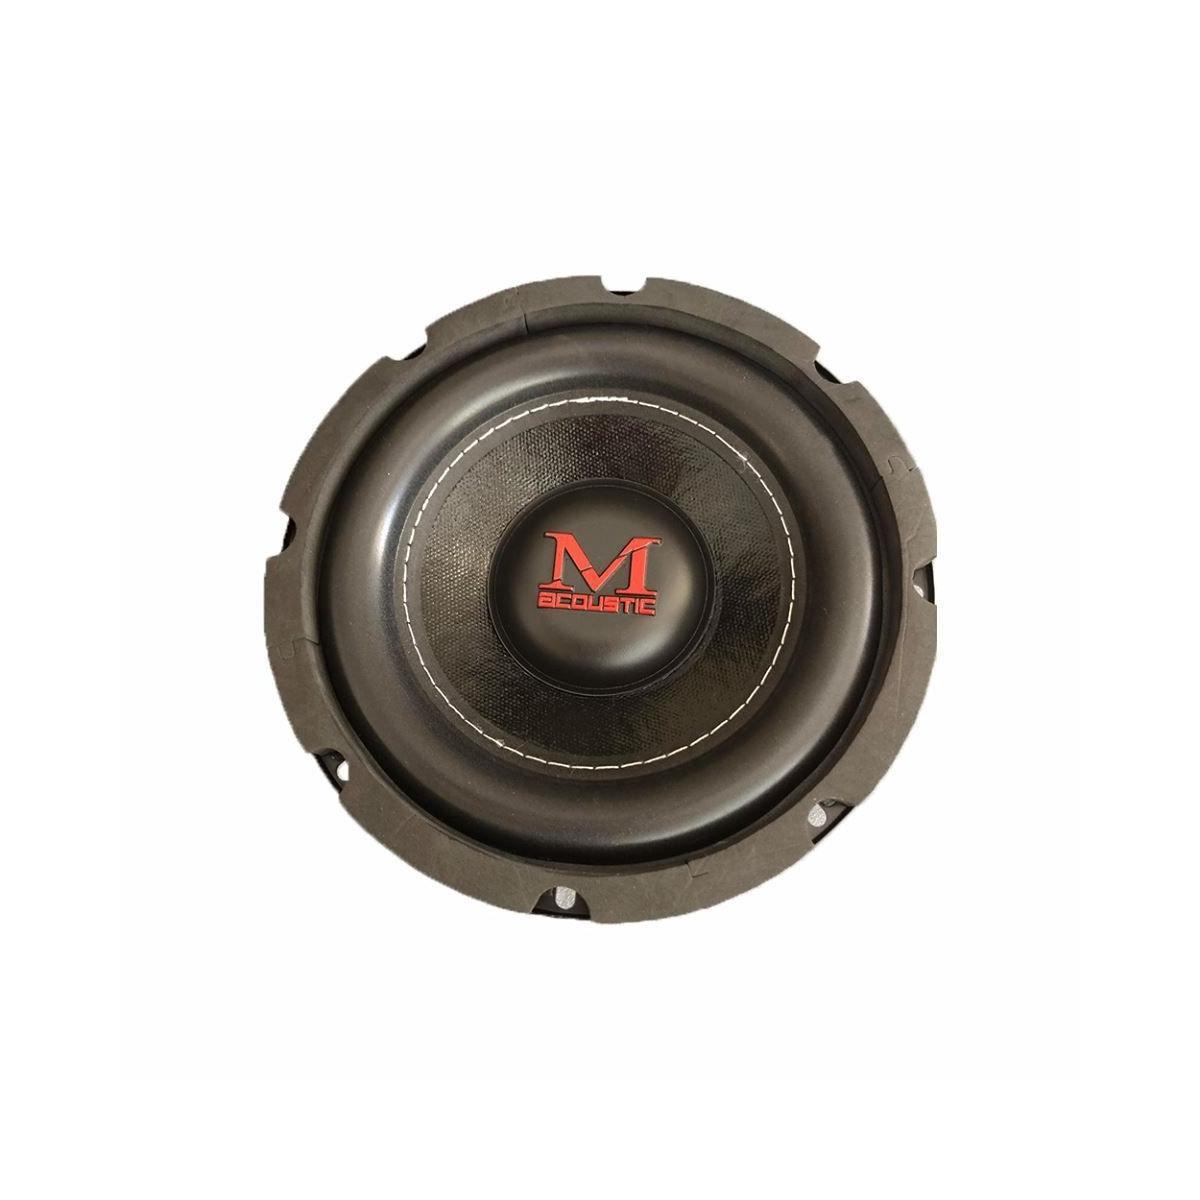 En Ucuz Acoustic Oto Hoparlörleri & SubWoofer Fiyatları ve Modelleri - Cimri .com